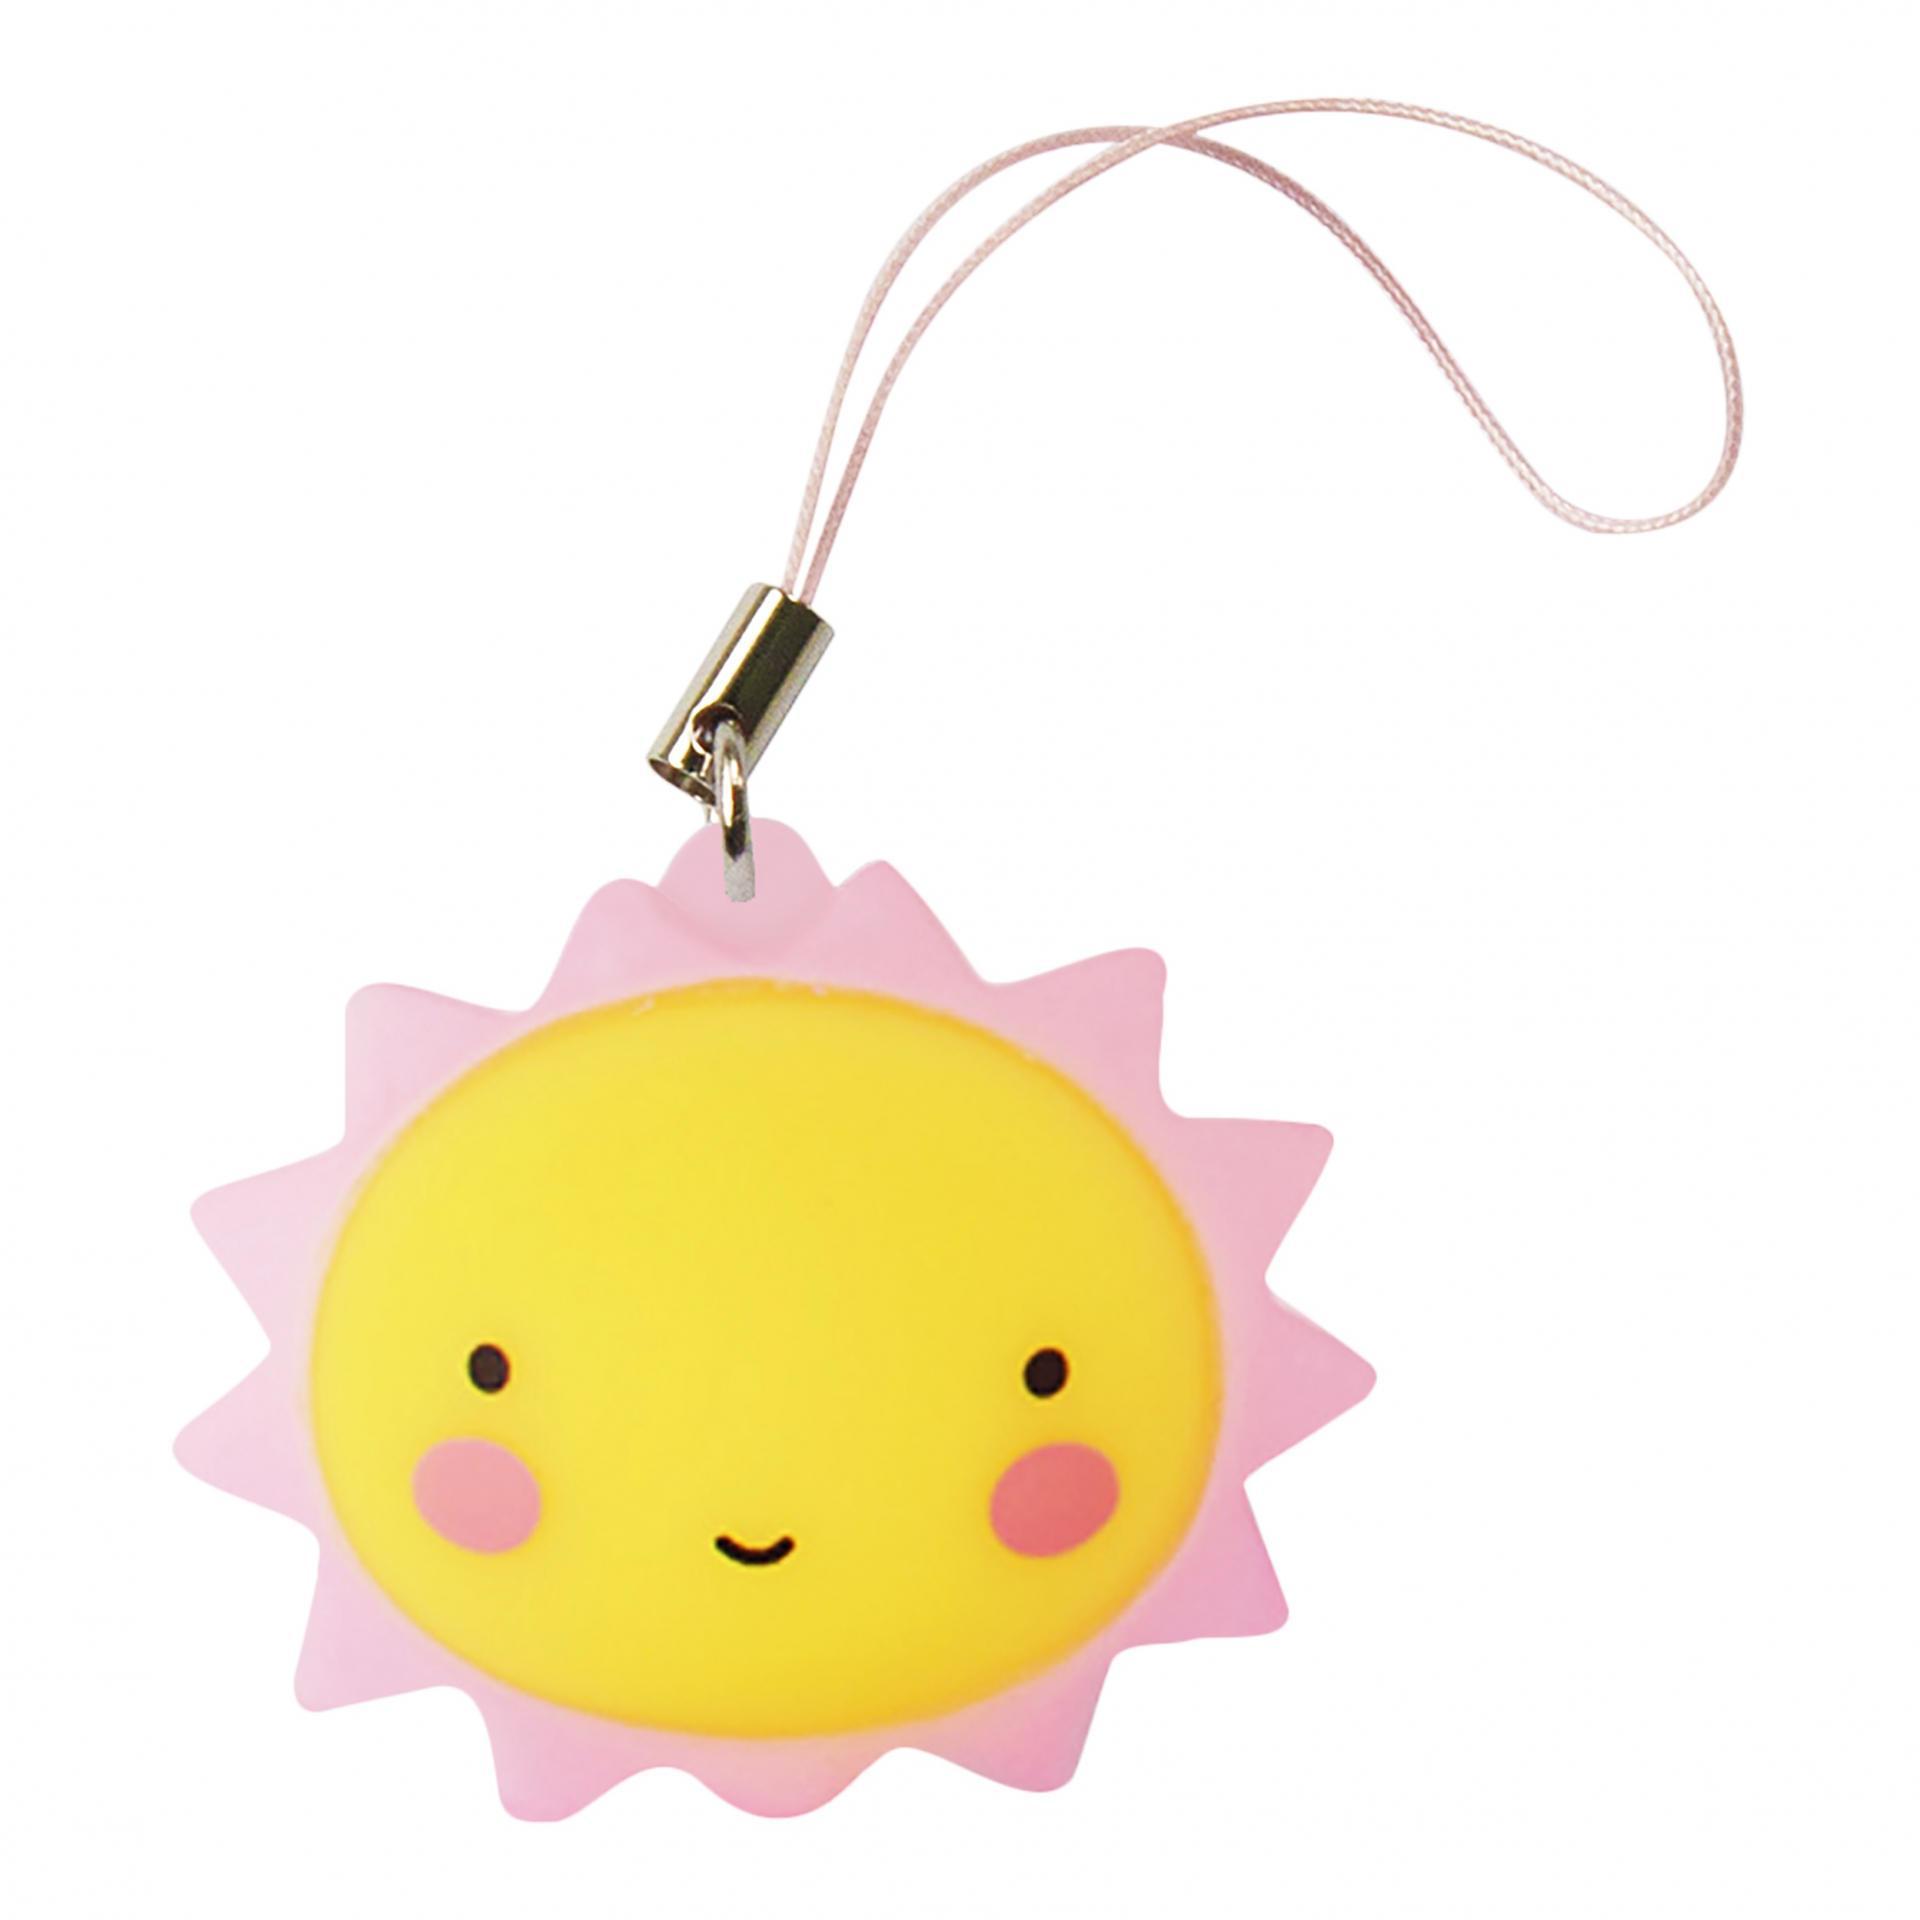 A Little Lovely Company Přívěsek na klíče Sun, růžová barva, žlutá barva, plast